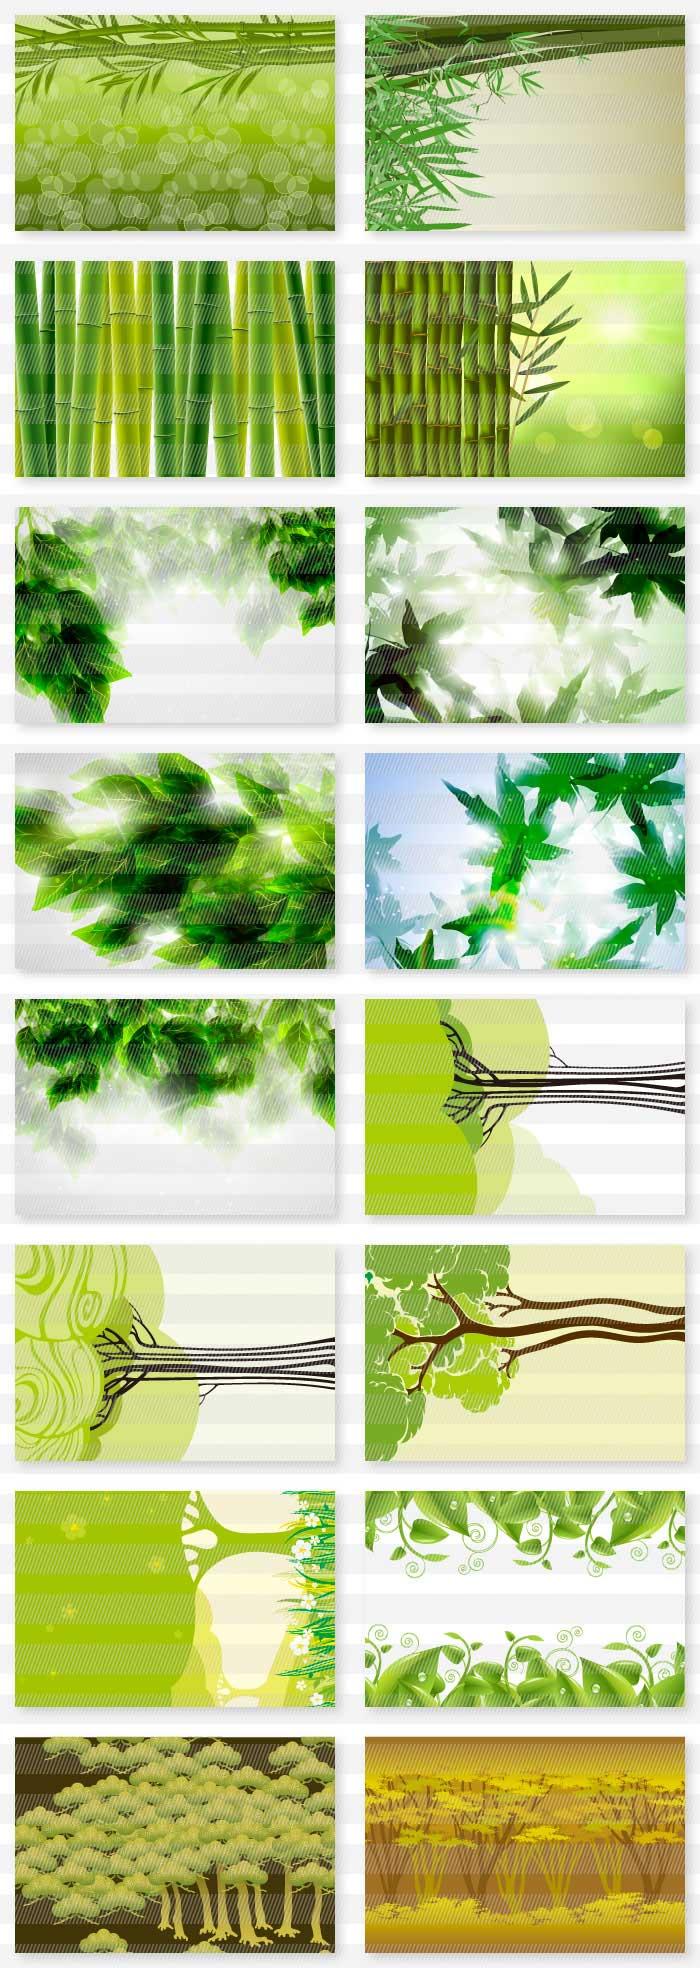 緑・葉・草木の風景の背景素材